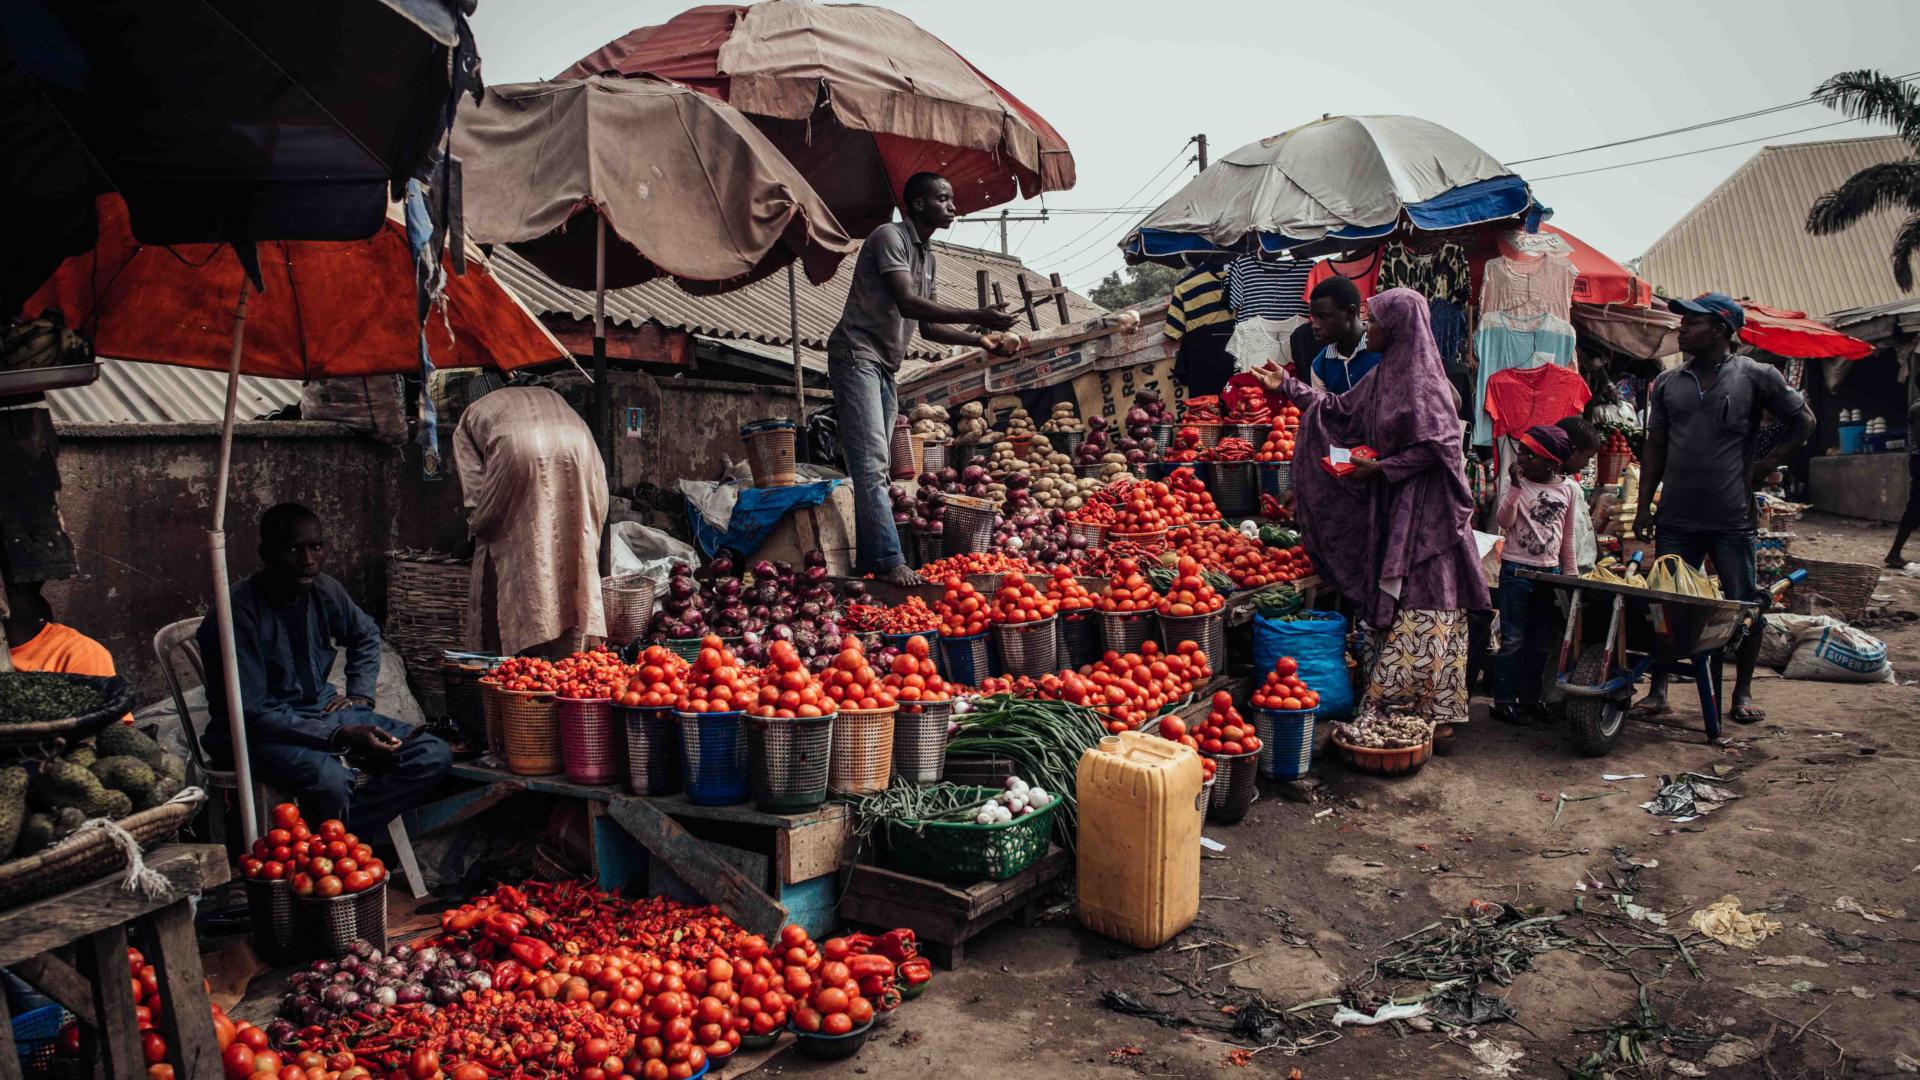 Un mercado en Abuya, la capital nigeriana. Nigeria, el país más poblado de África, habría sido un 29 por ciento más rico sin el cambio climático, según lo que ha estimado un nuevo estudio. (Nwakalor Kenechukwu para The New York Times)